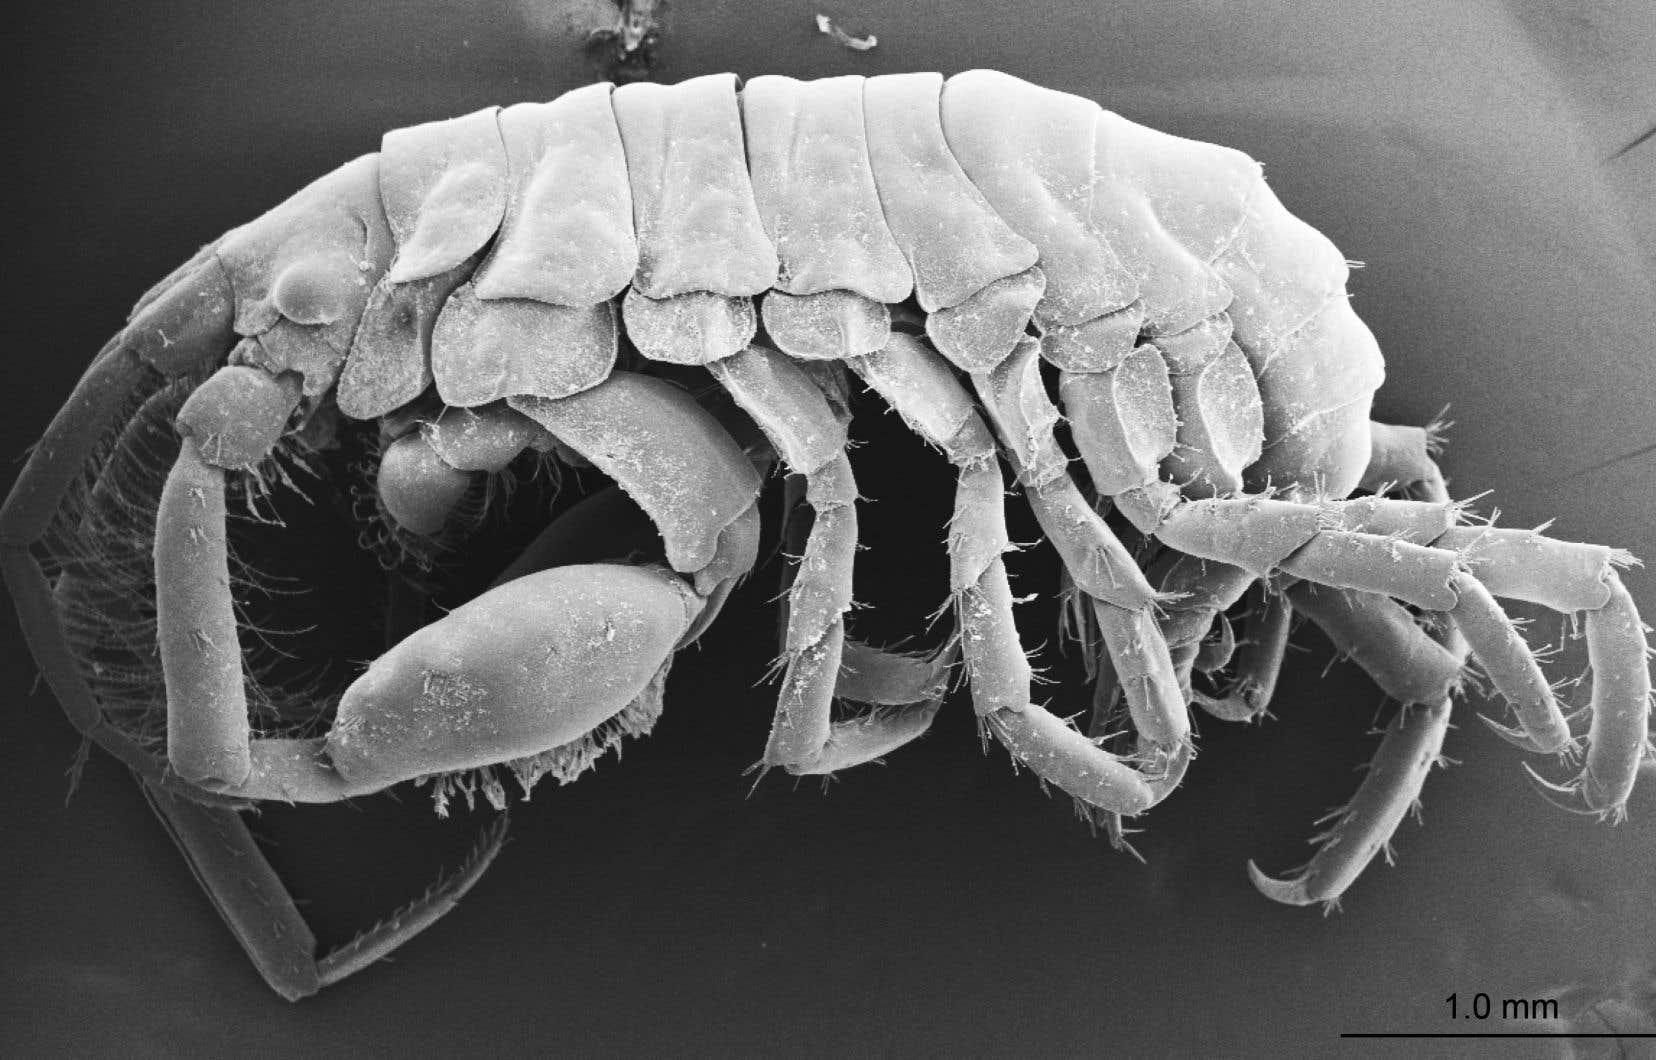 La nouvelle espèce de crustacémesure à peine cinq millimètres de long.